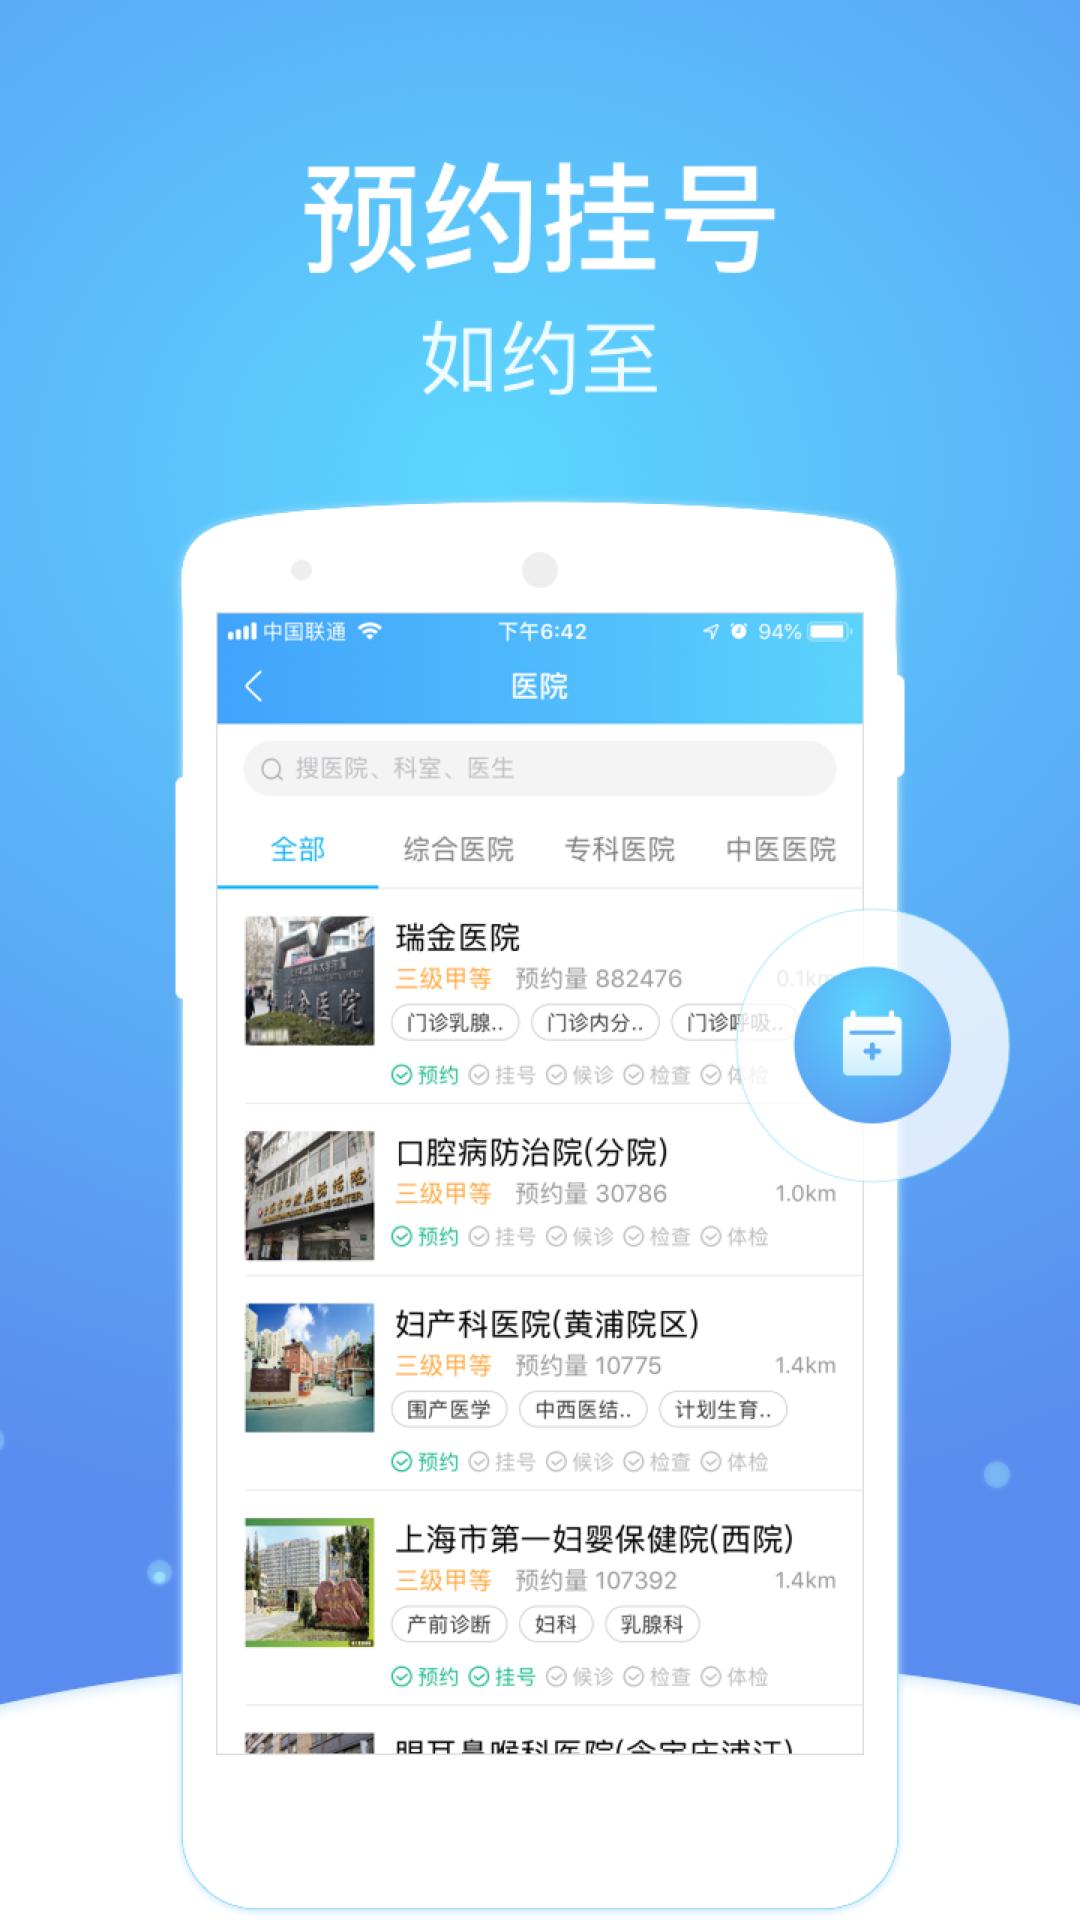 上海市互联网总医院(2)